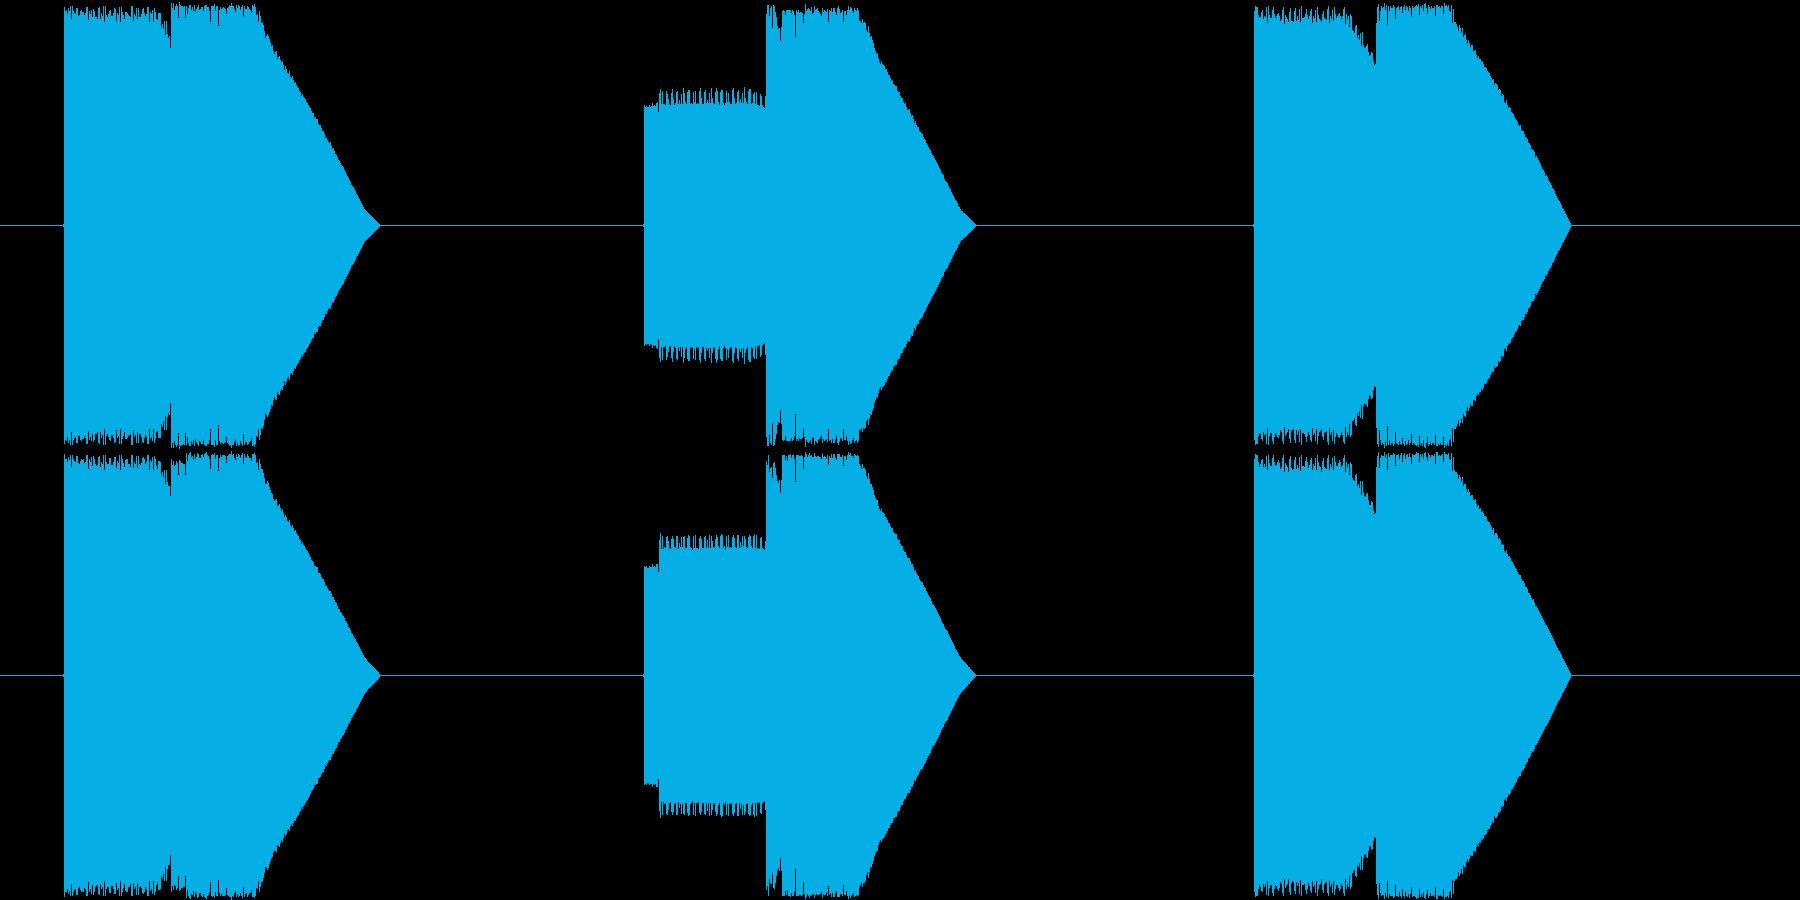 ピコン×3_下降型_エネルギー残少_遭遇の再生済みの波形